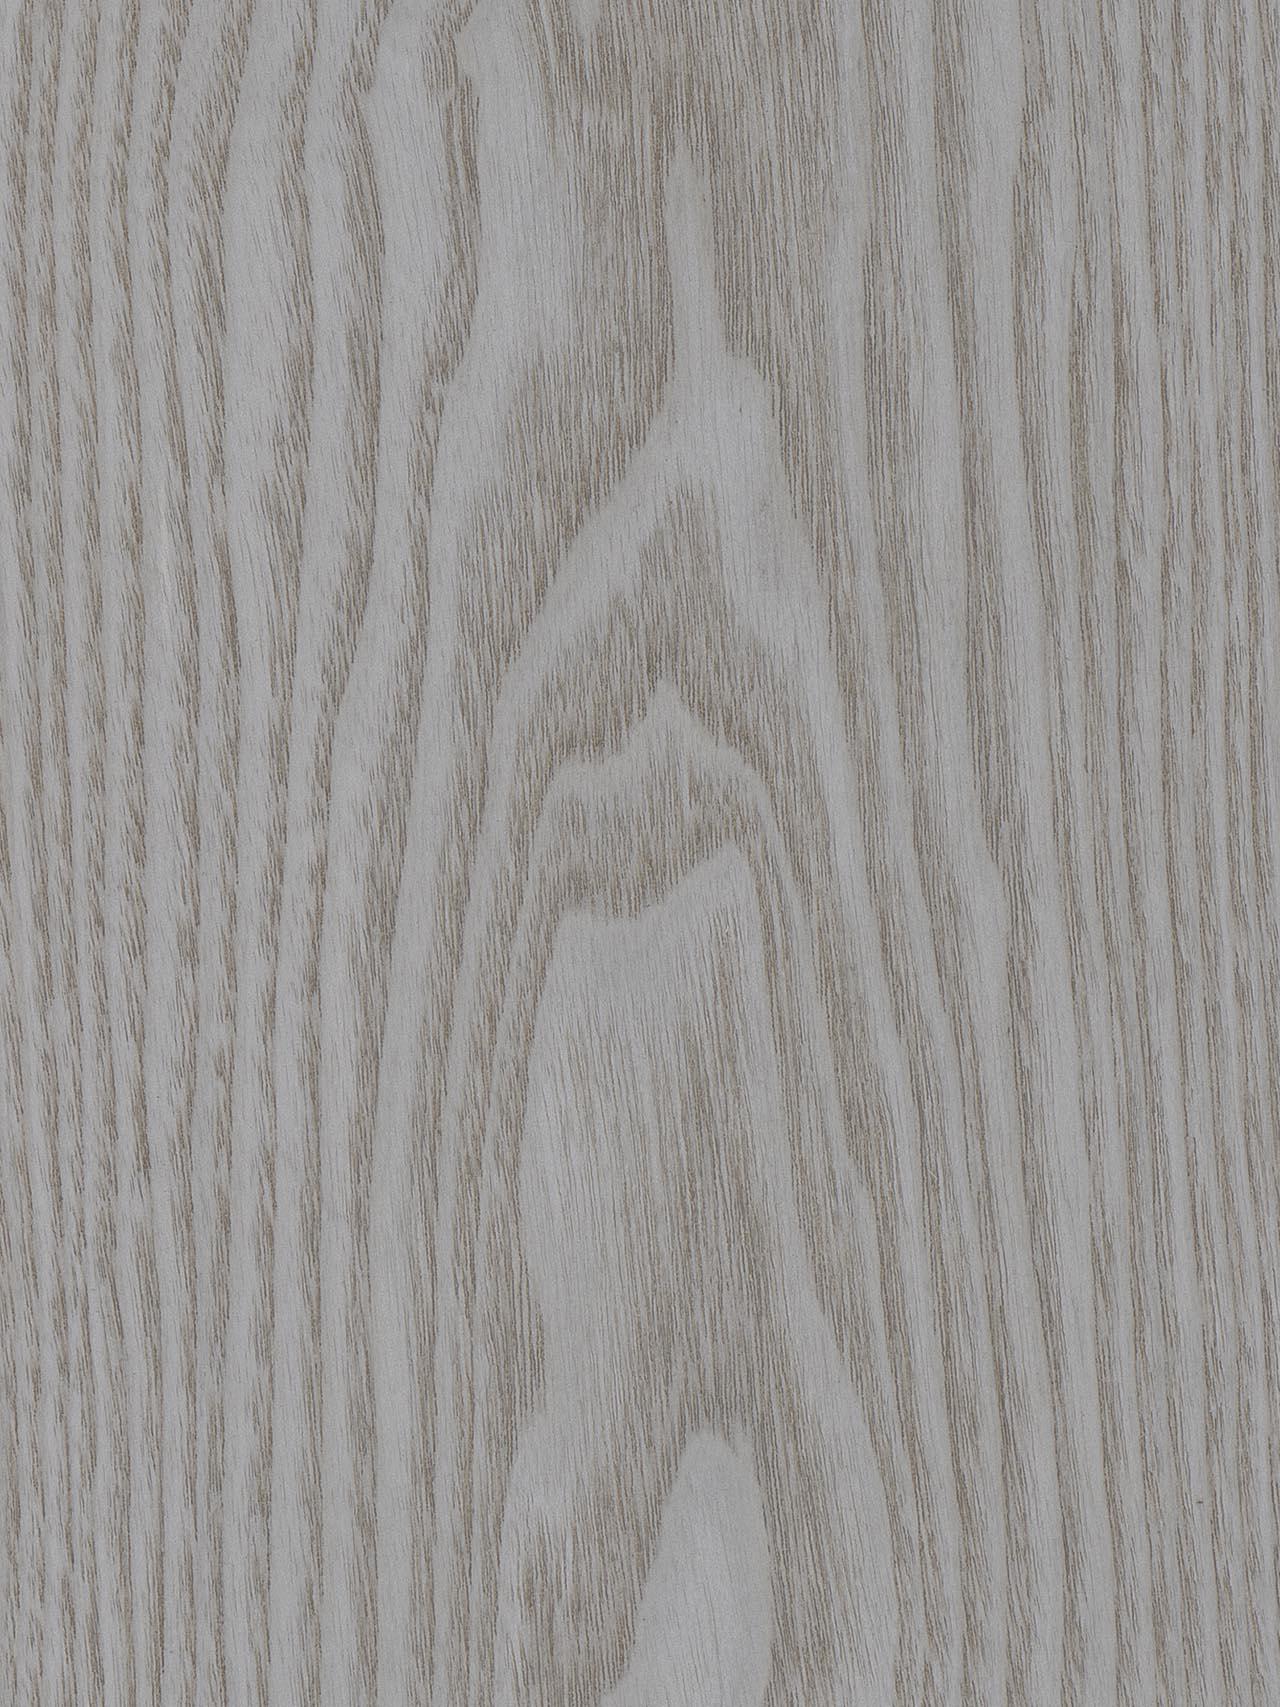 Chapa madera Fresno Ceniza GBF109 Losán